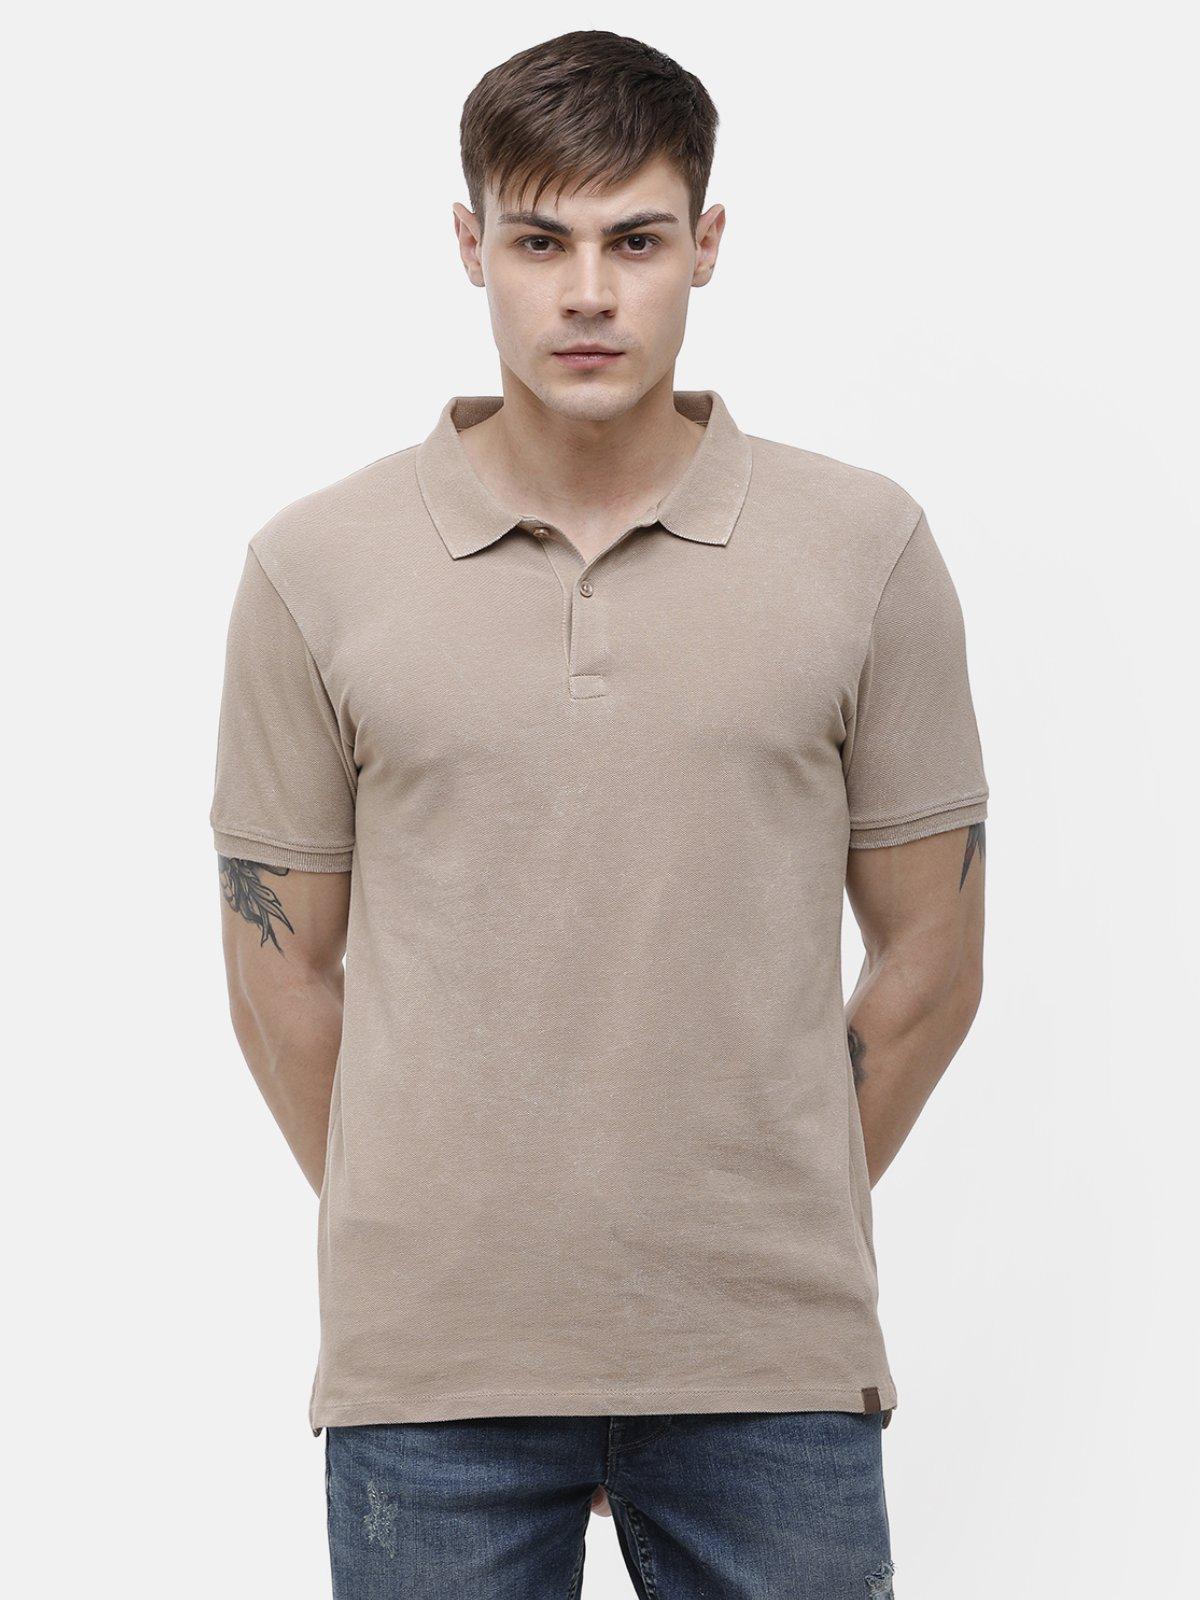 Voi Jeans | Beige T-Shirt ( VOTS1573)